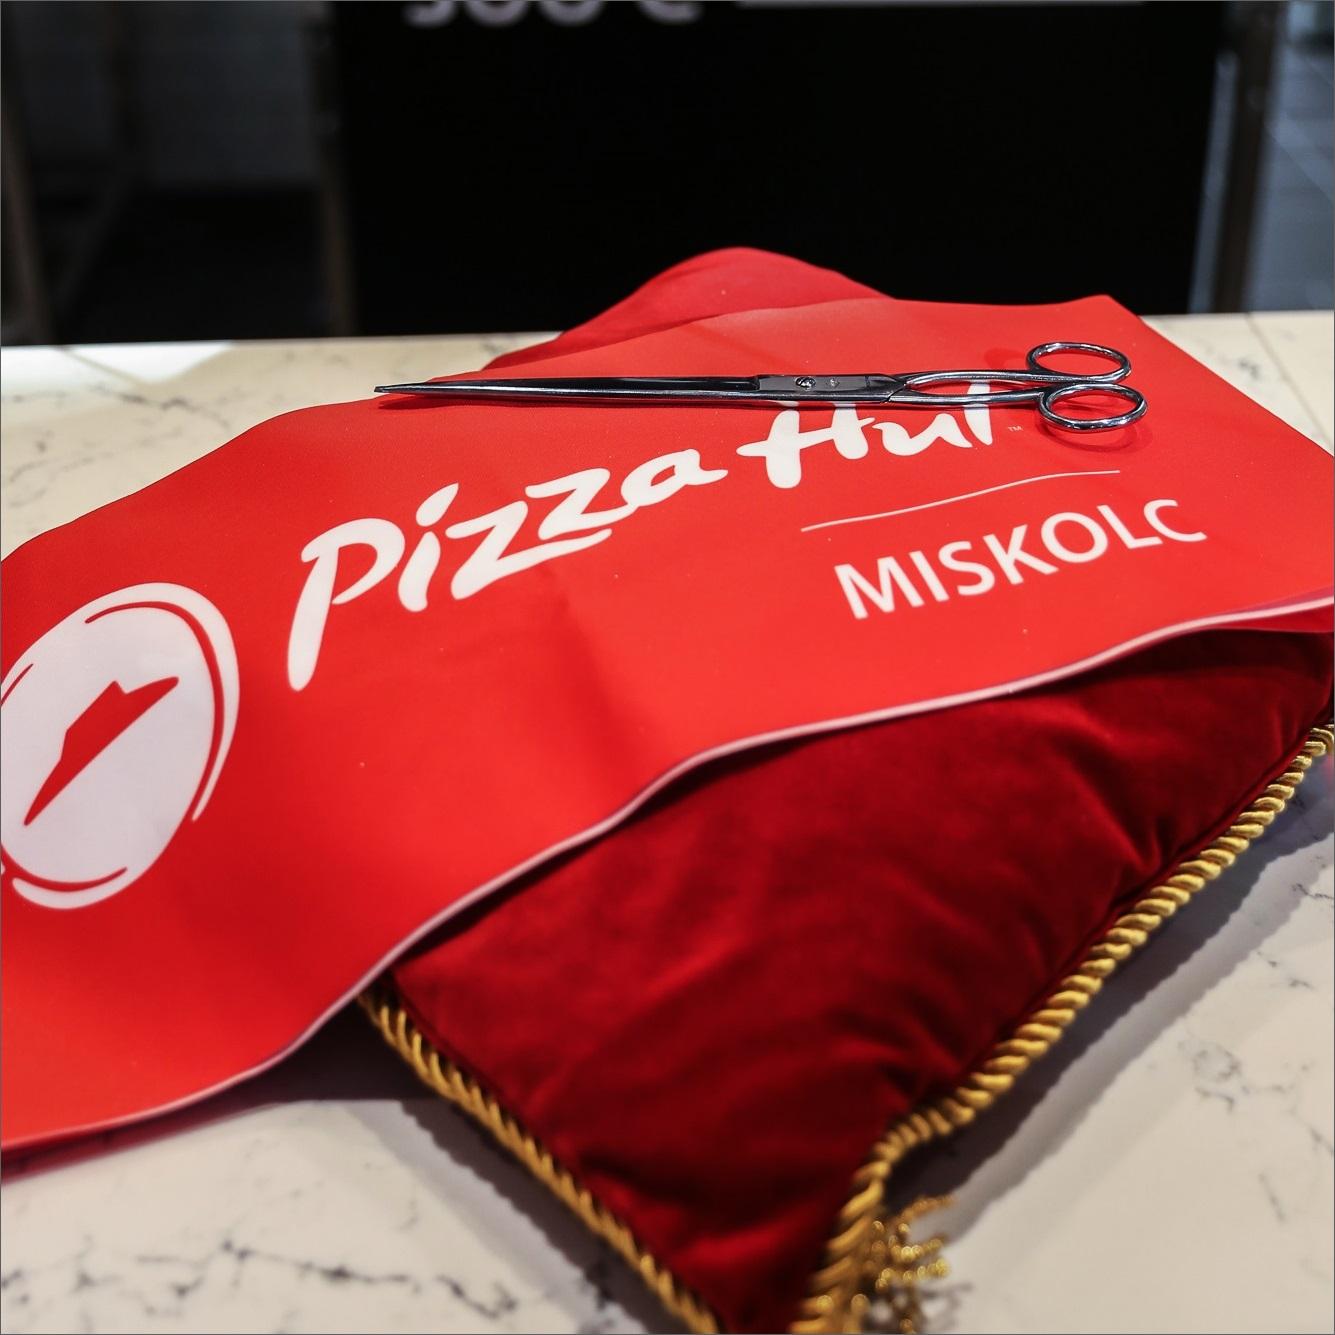 Friss pizza 5 perc alatt – Megnyílt az első Pizza Hut Miskolcon –  Franchiseportal 44bf1c3e55